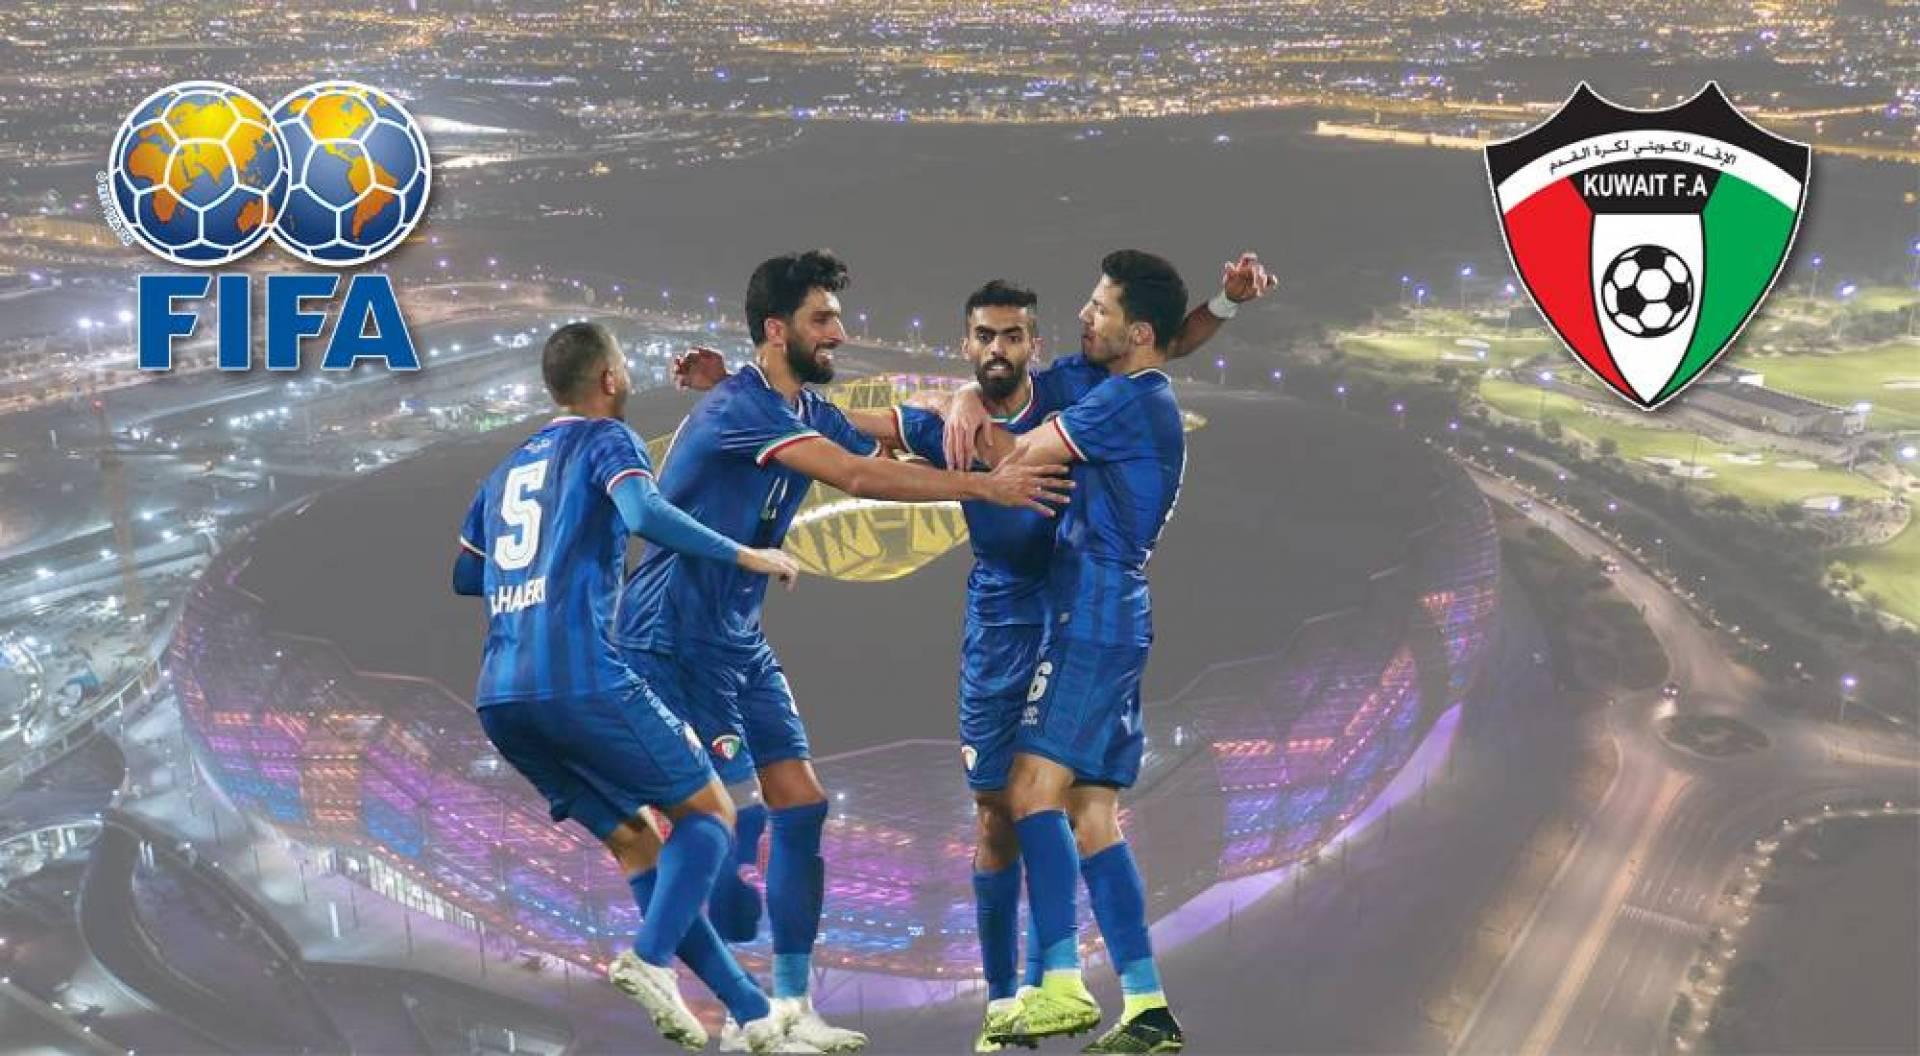 «الأزرق» يشارك في كأس العرب بالدوحة أواخر العام المقبل